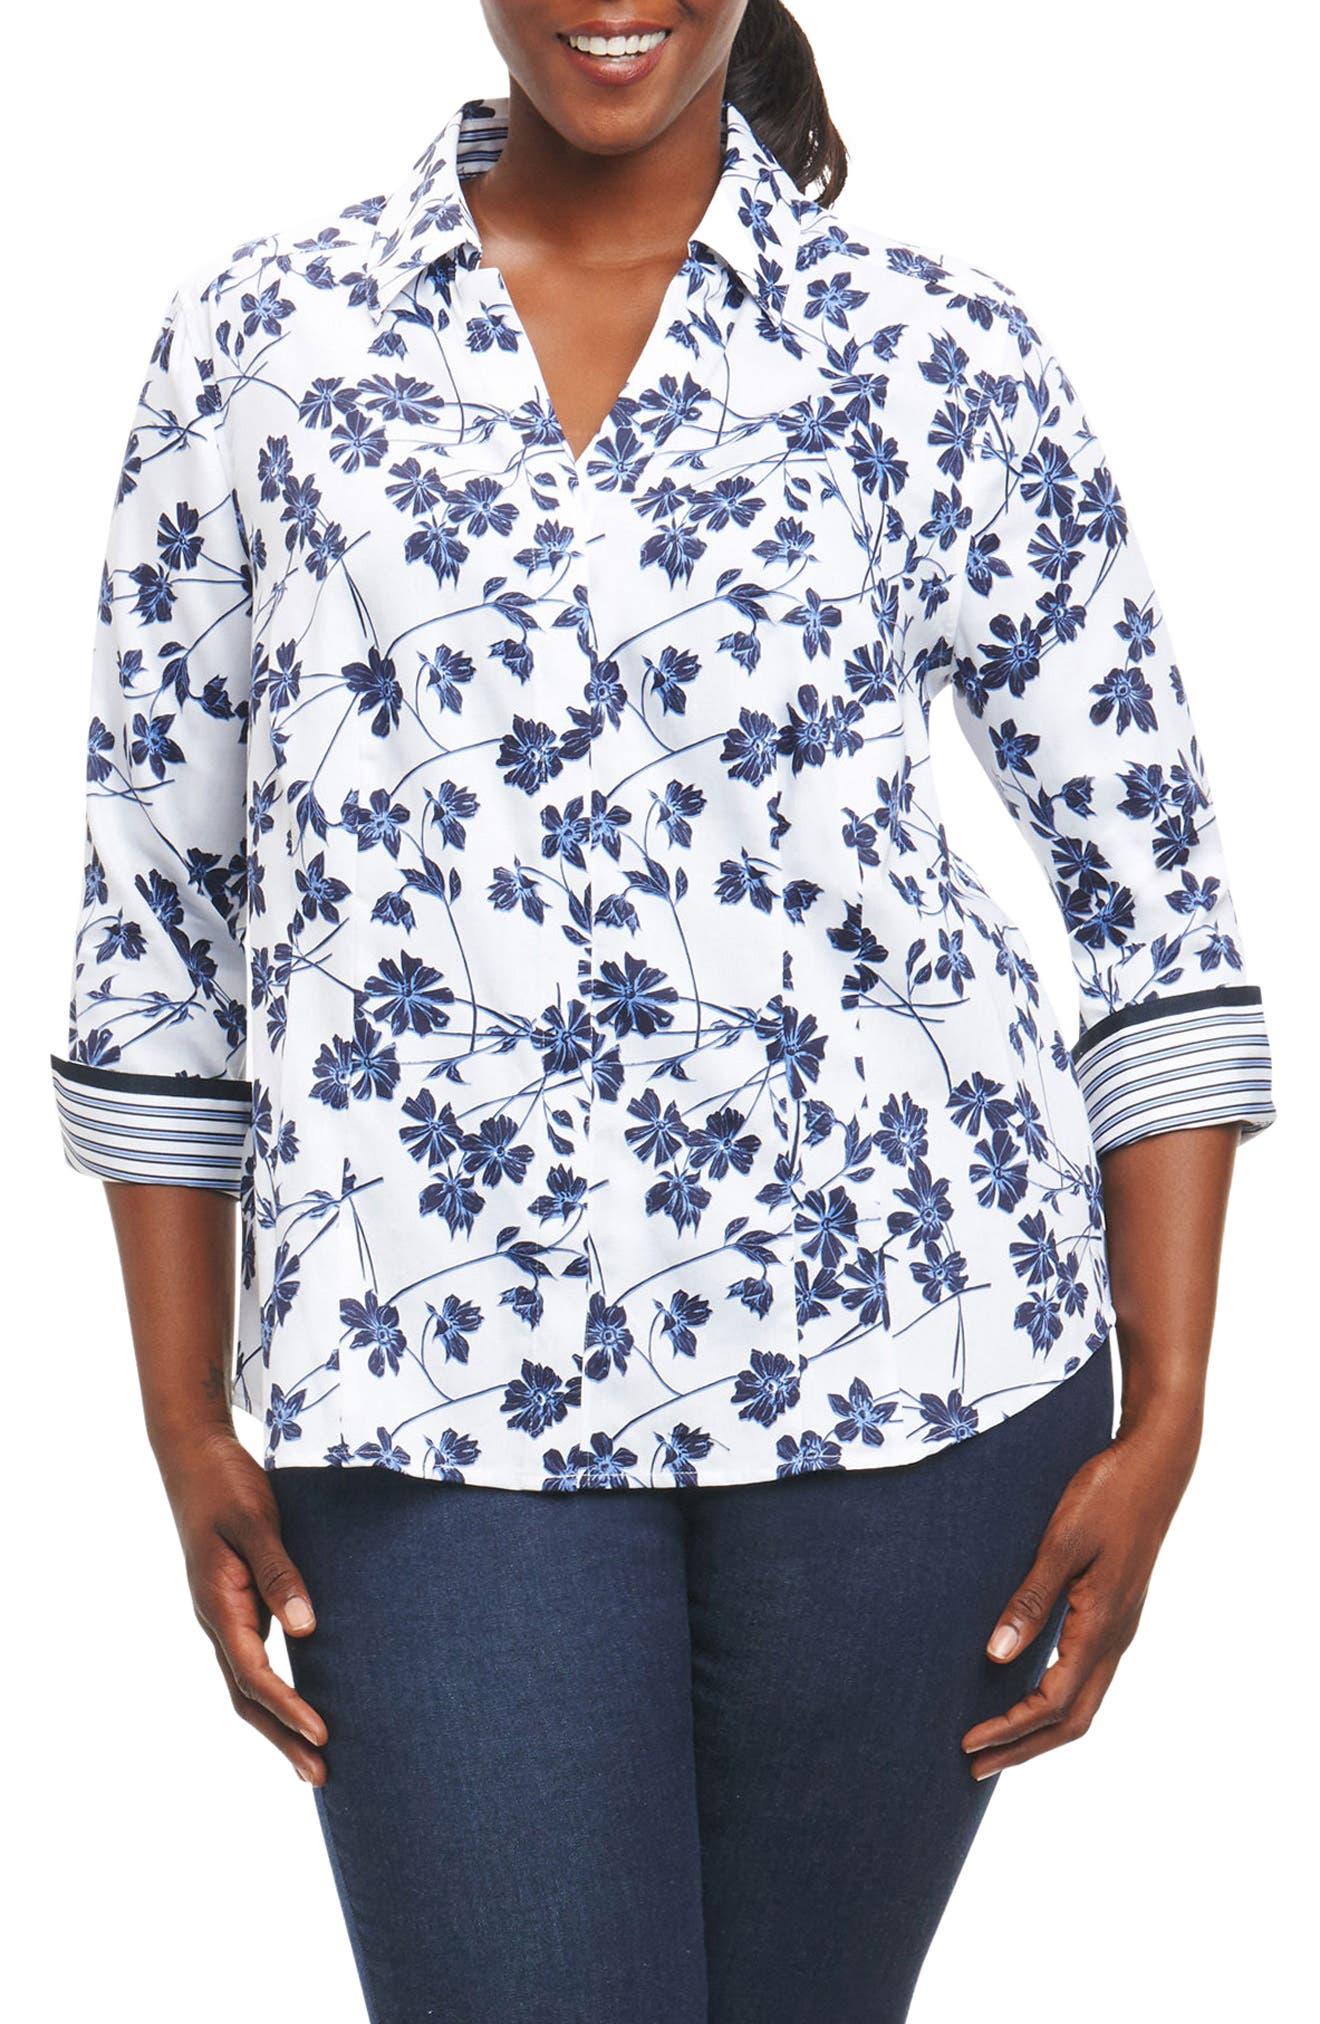 Taylor Floral Print Shirt,                             Main thumbnail 1, color,                             400